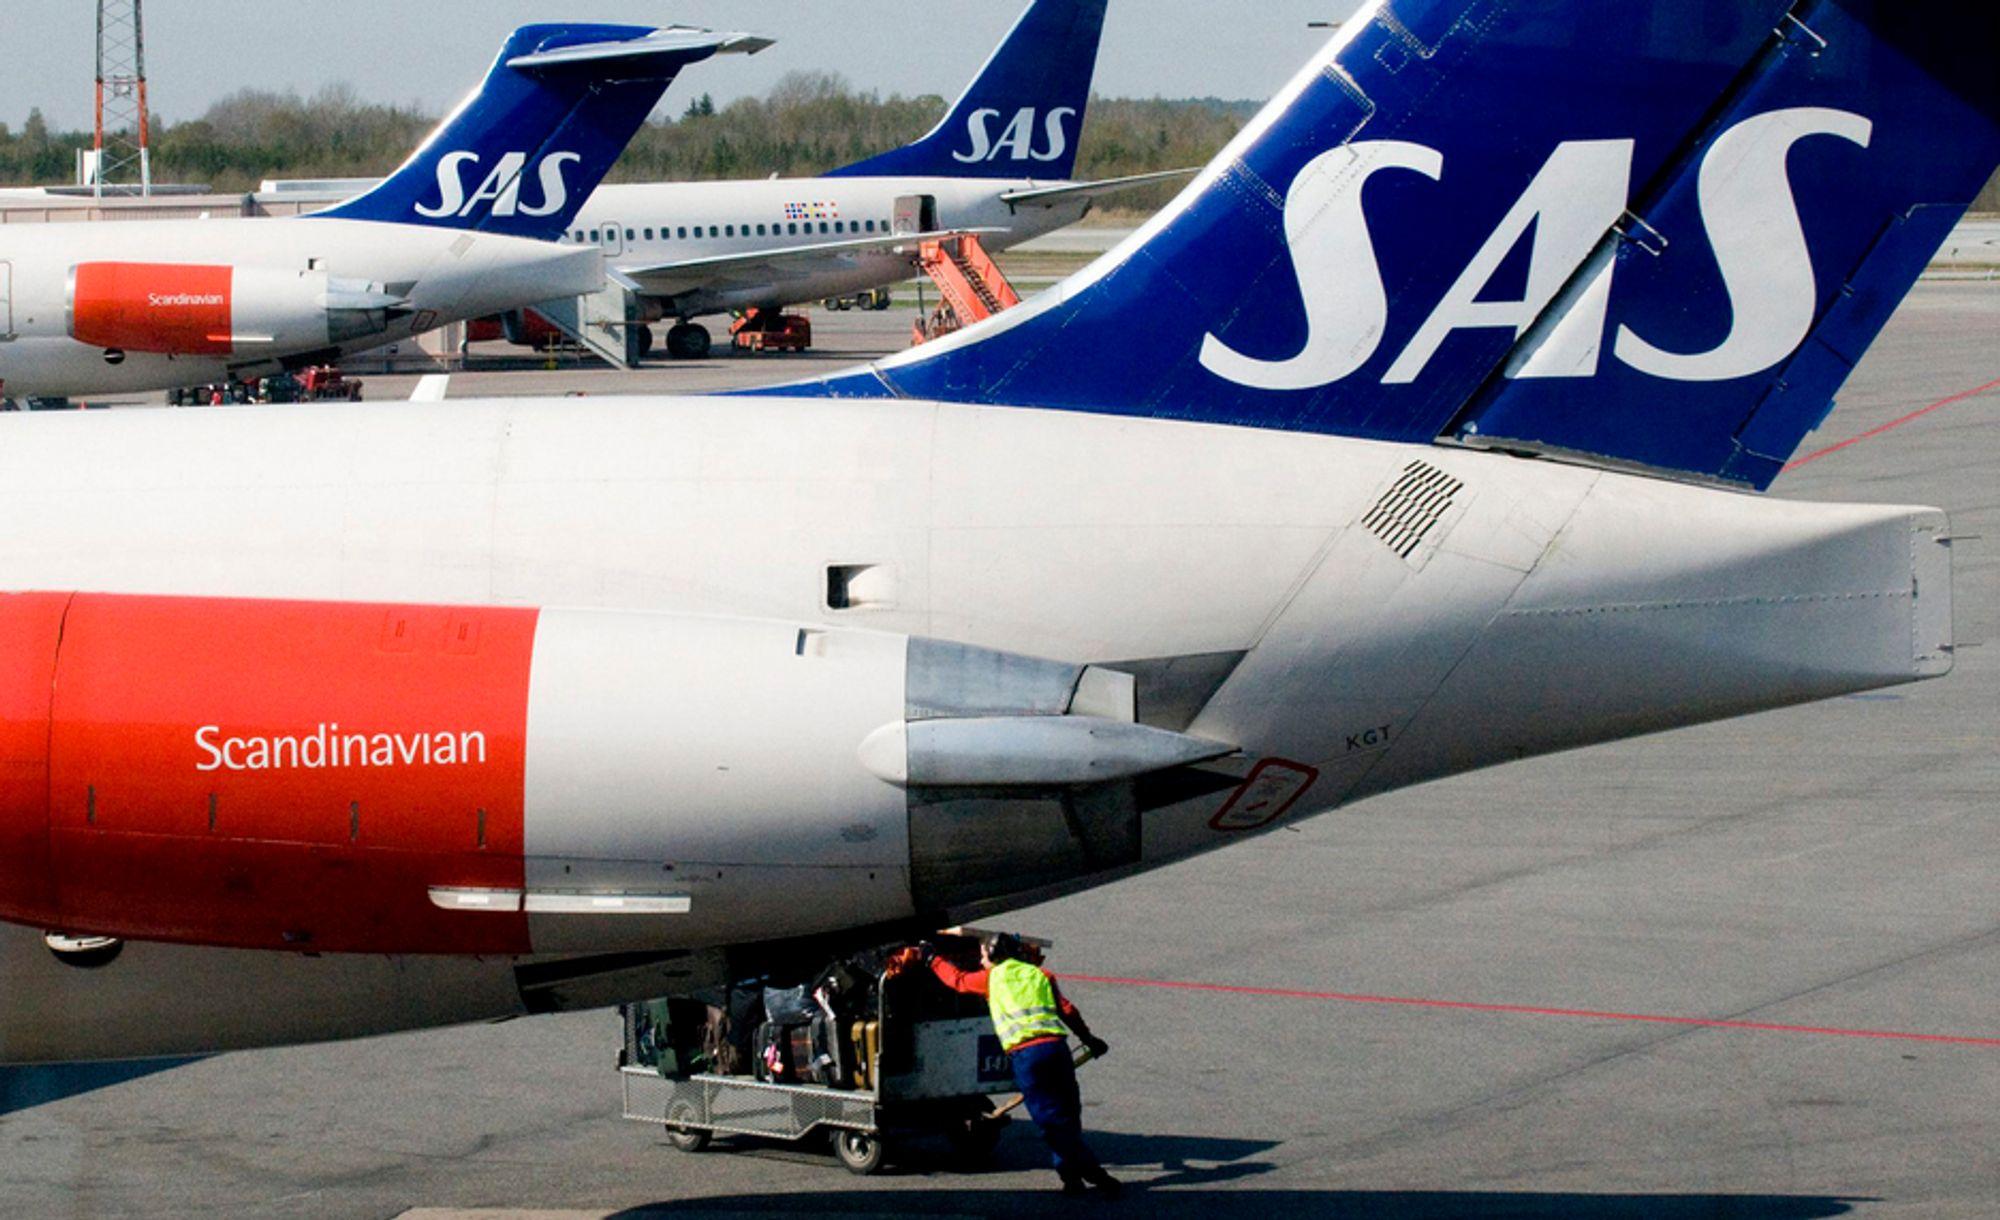 200-250 flyteknikere mister jobben i SAS blant annet fordi MD-80-flyene fases ut og behovet for vedlikehold synker.